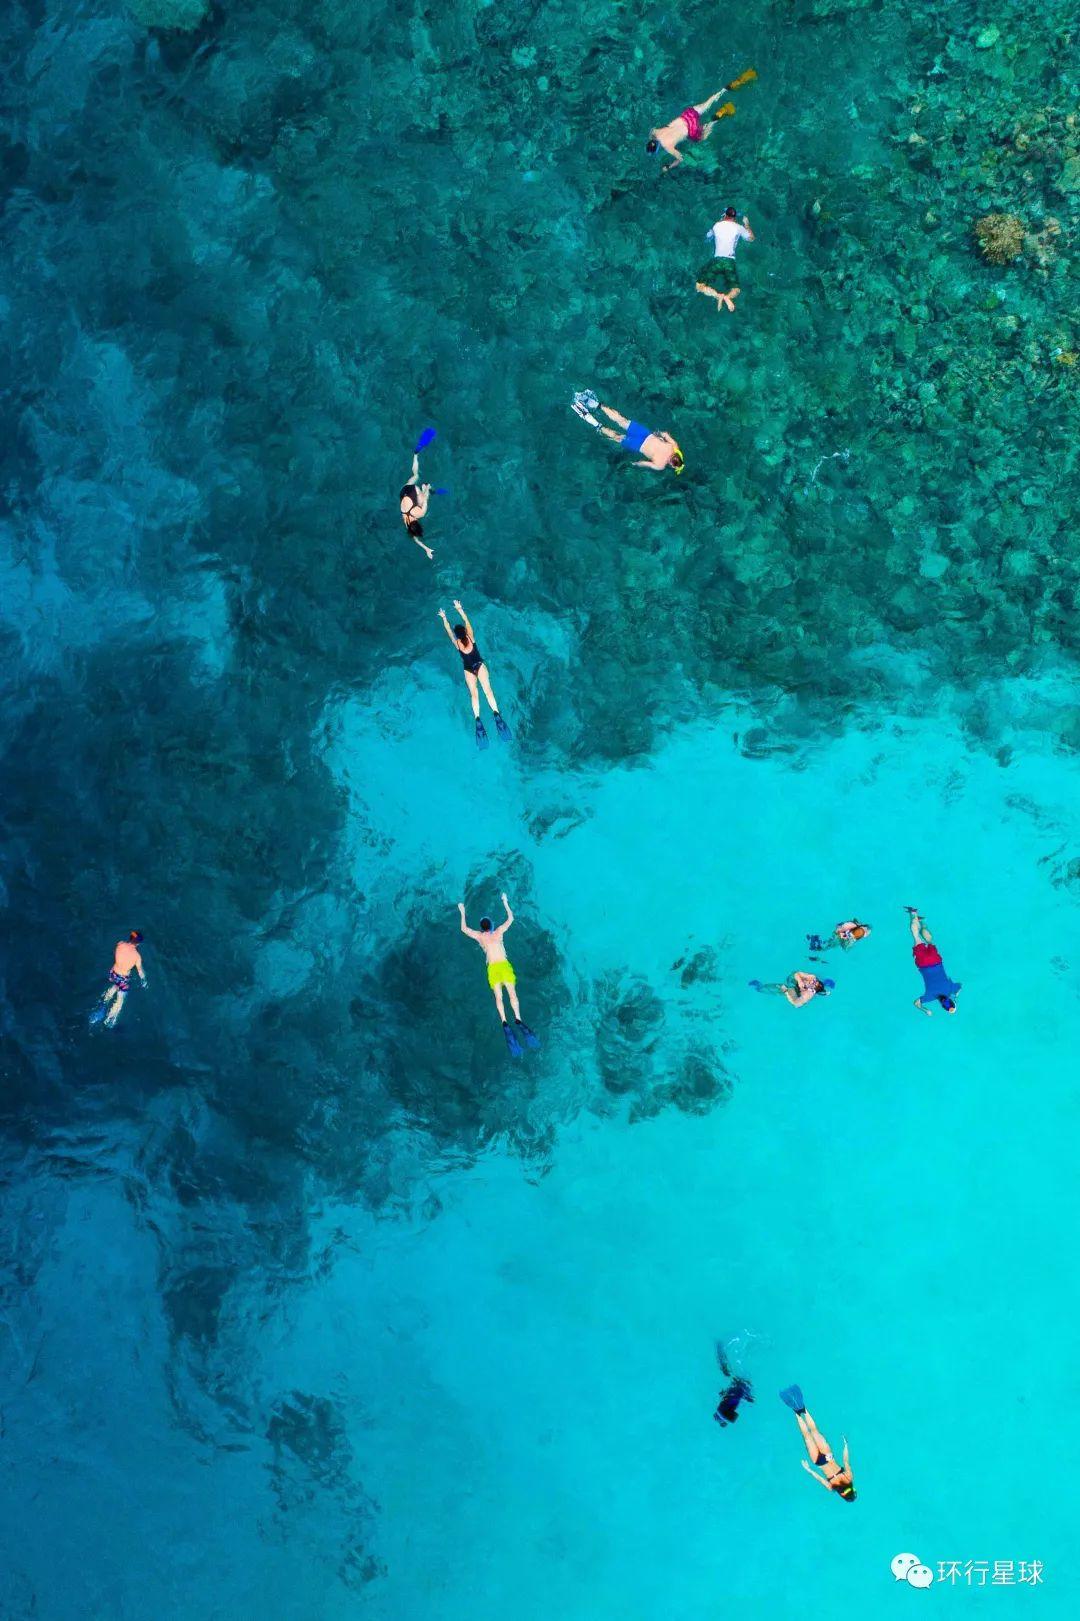 图:phaisalphotos maldives/Unsplash